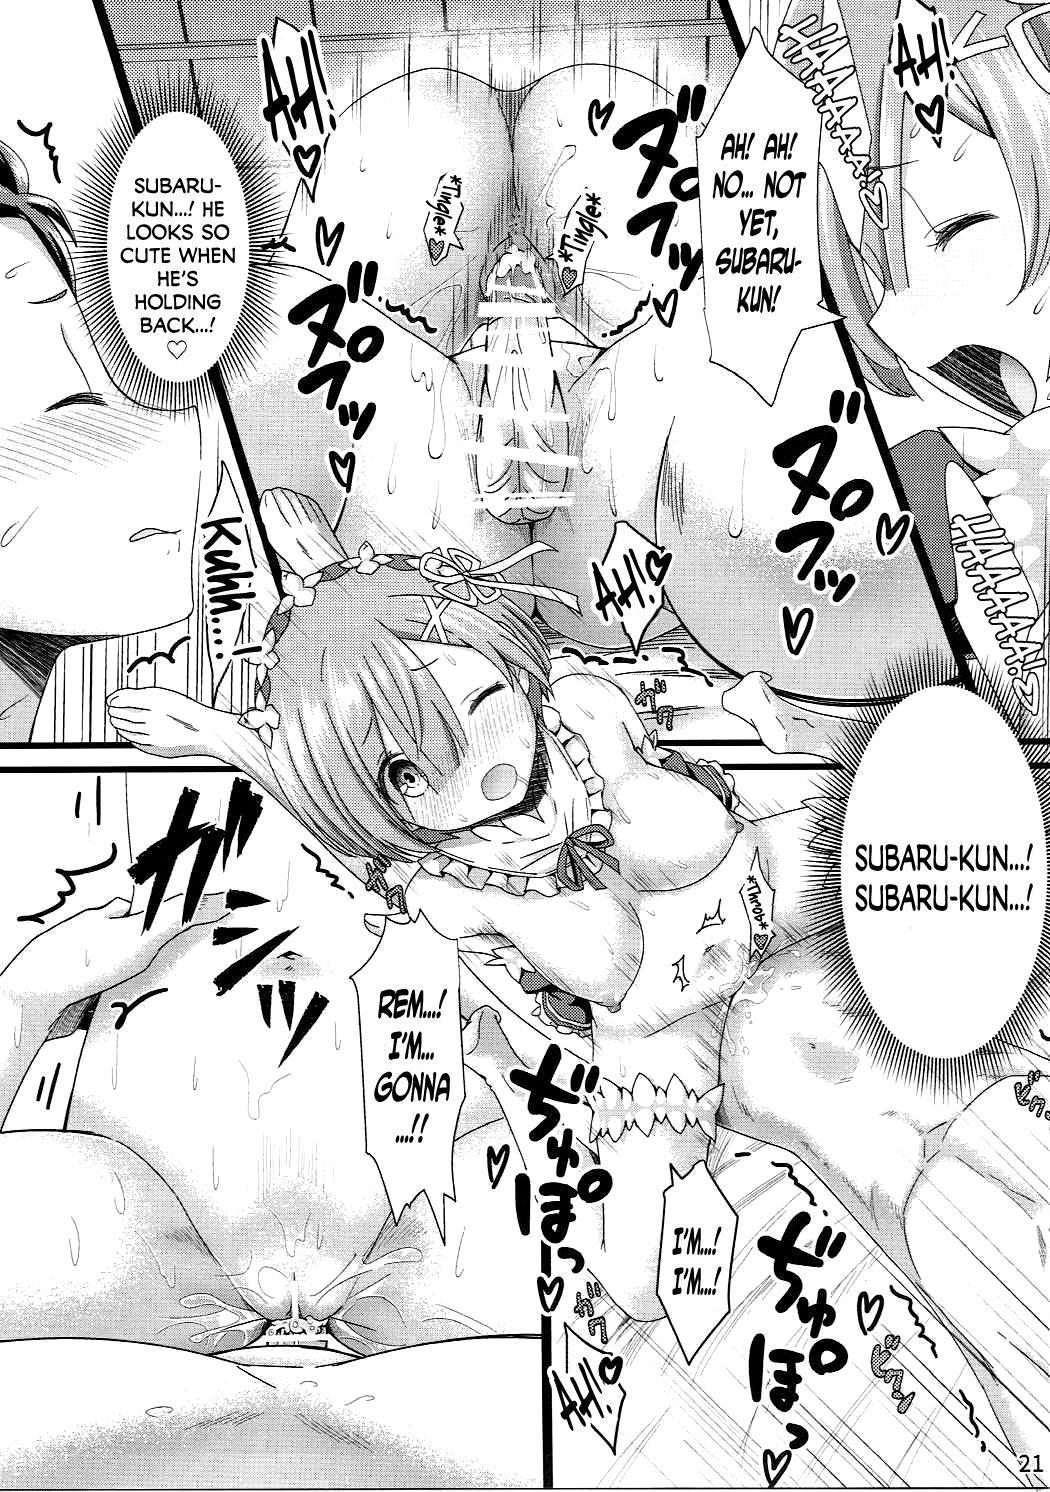 Re: Zero kara Hajimeru Isekai Icha Love Kekkon Seikatsu 19